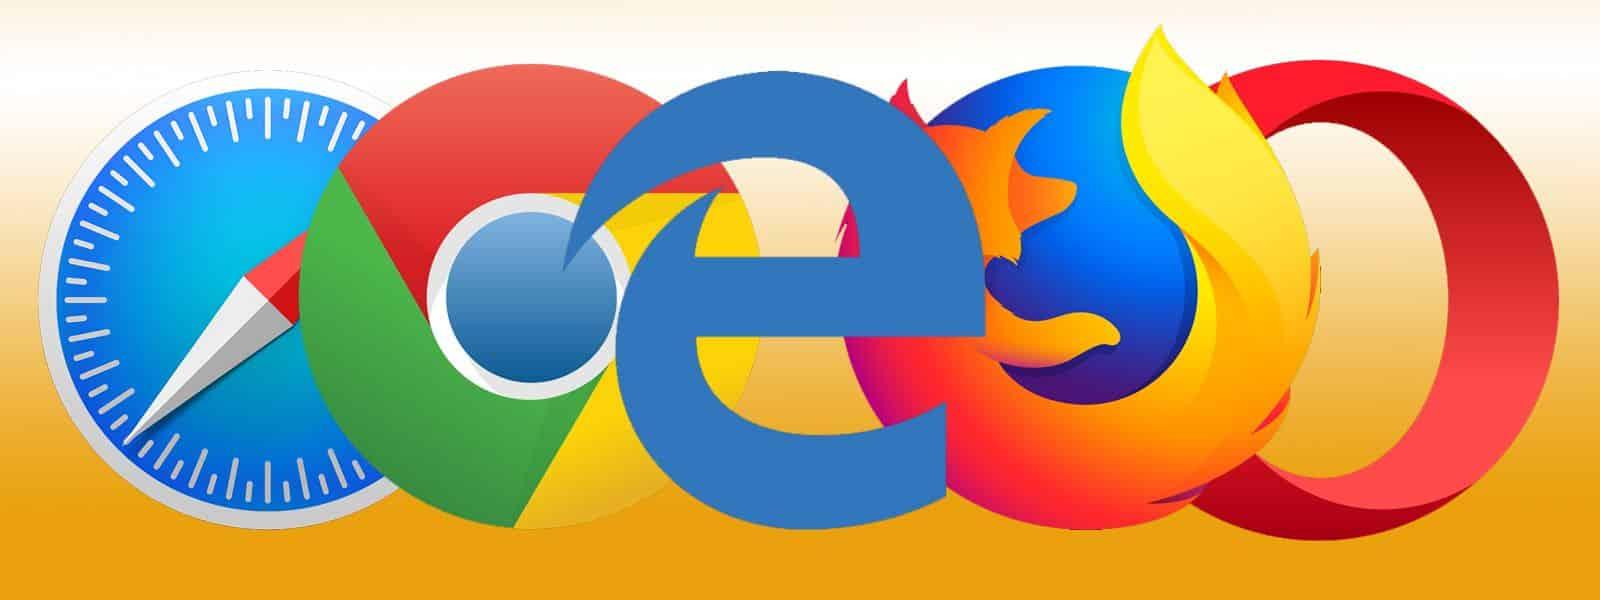 Los mejores navegadores web de 2018